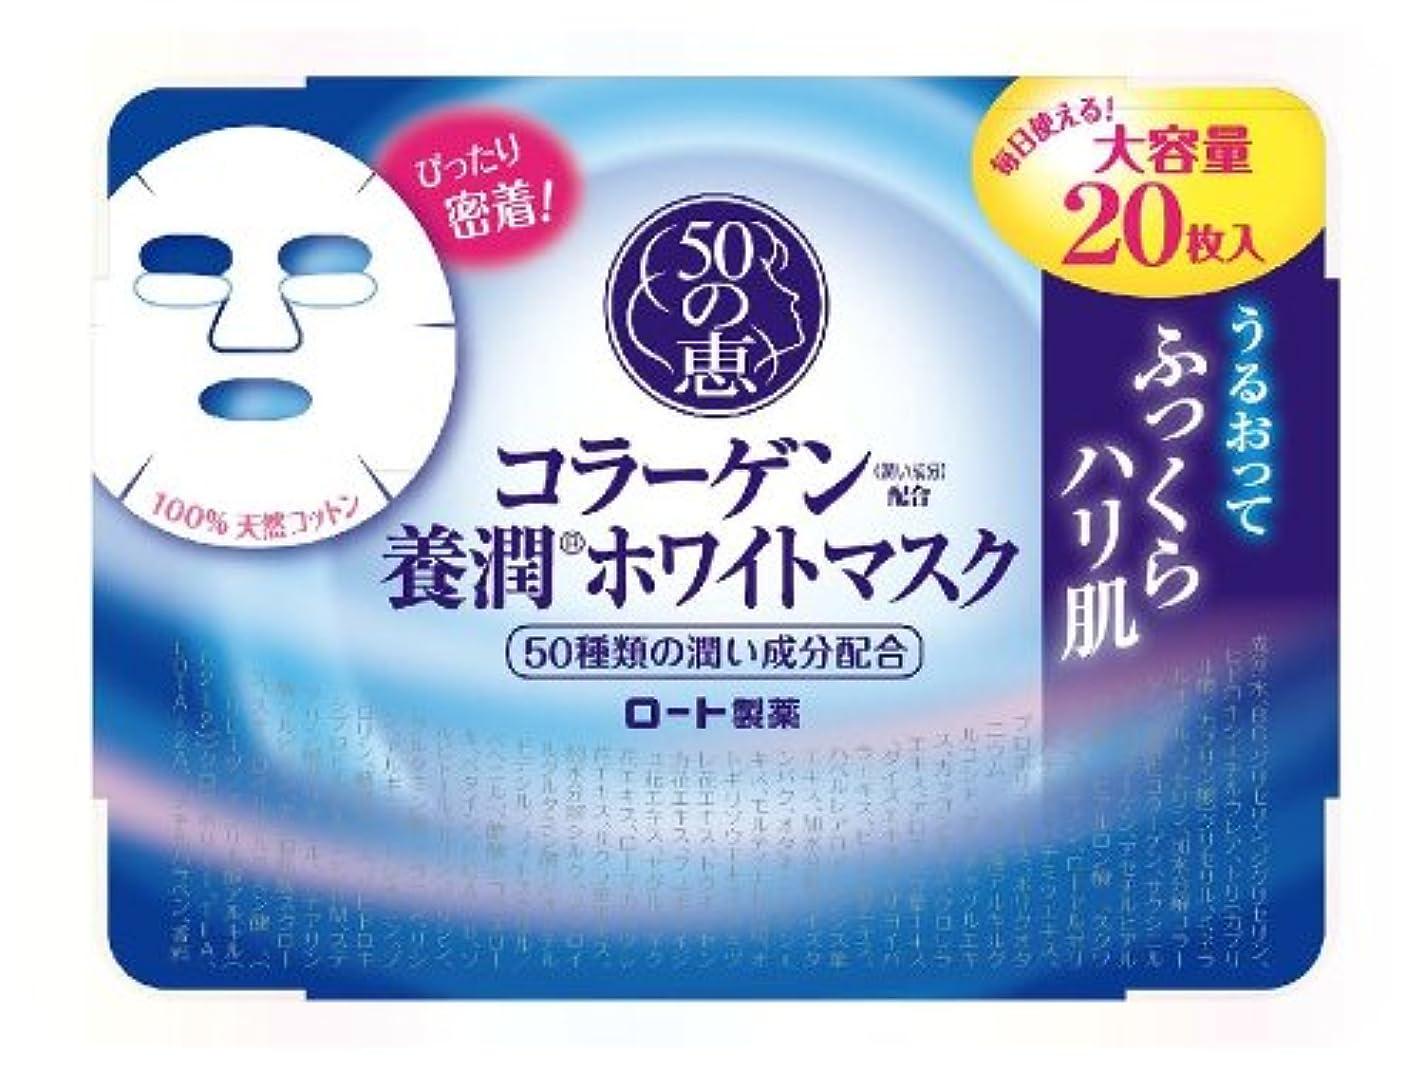 トロリーバスロンドンパラメータ50の恵 養潤 ホワイトマスク 20枚